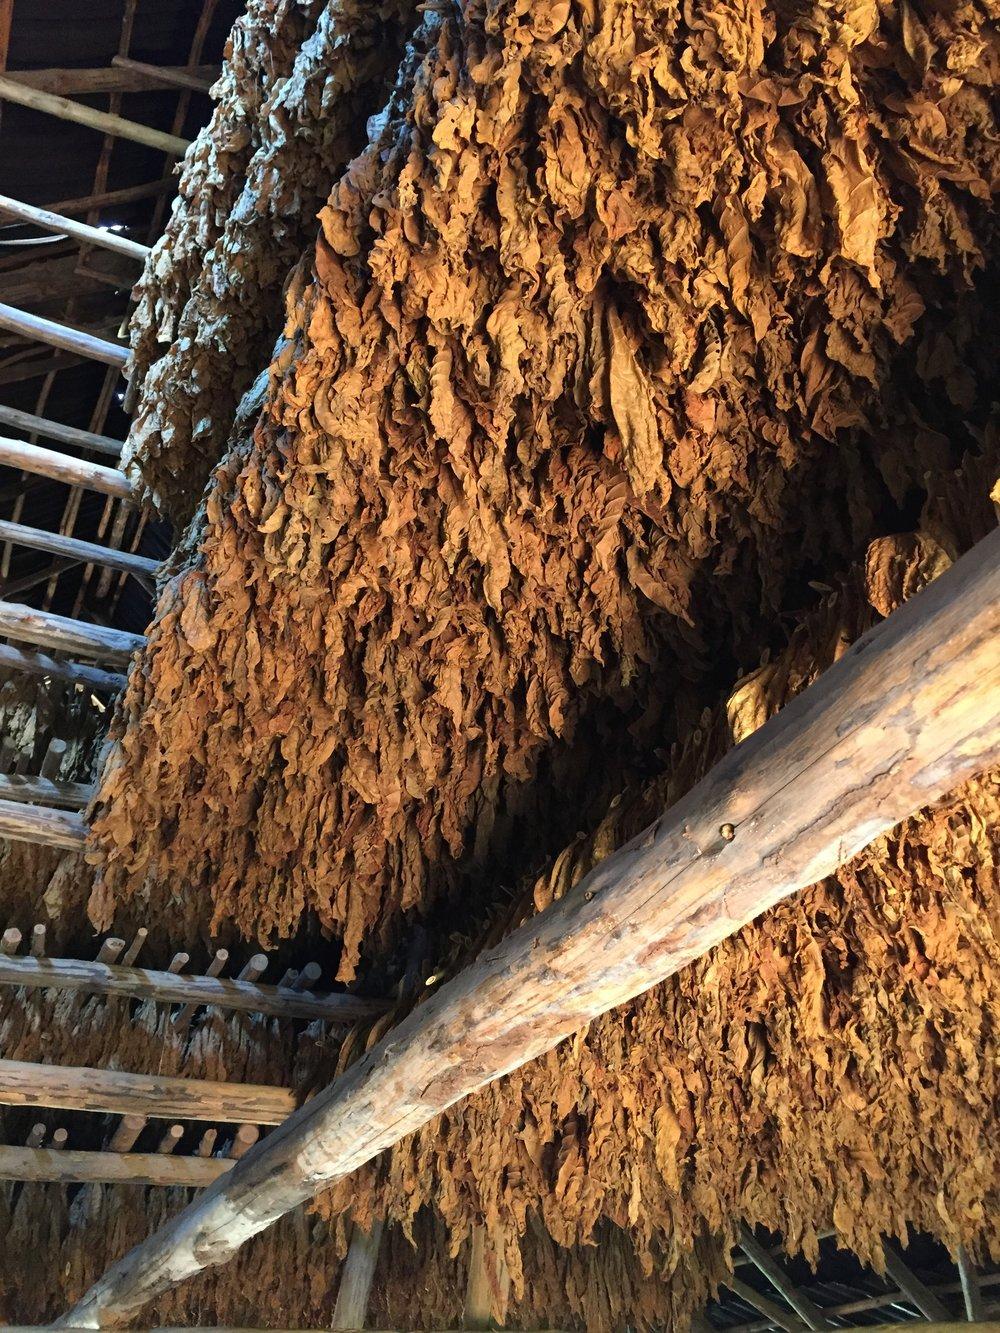 17 - Tabacco Farm.jpg